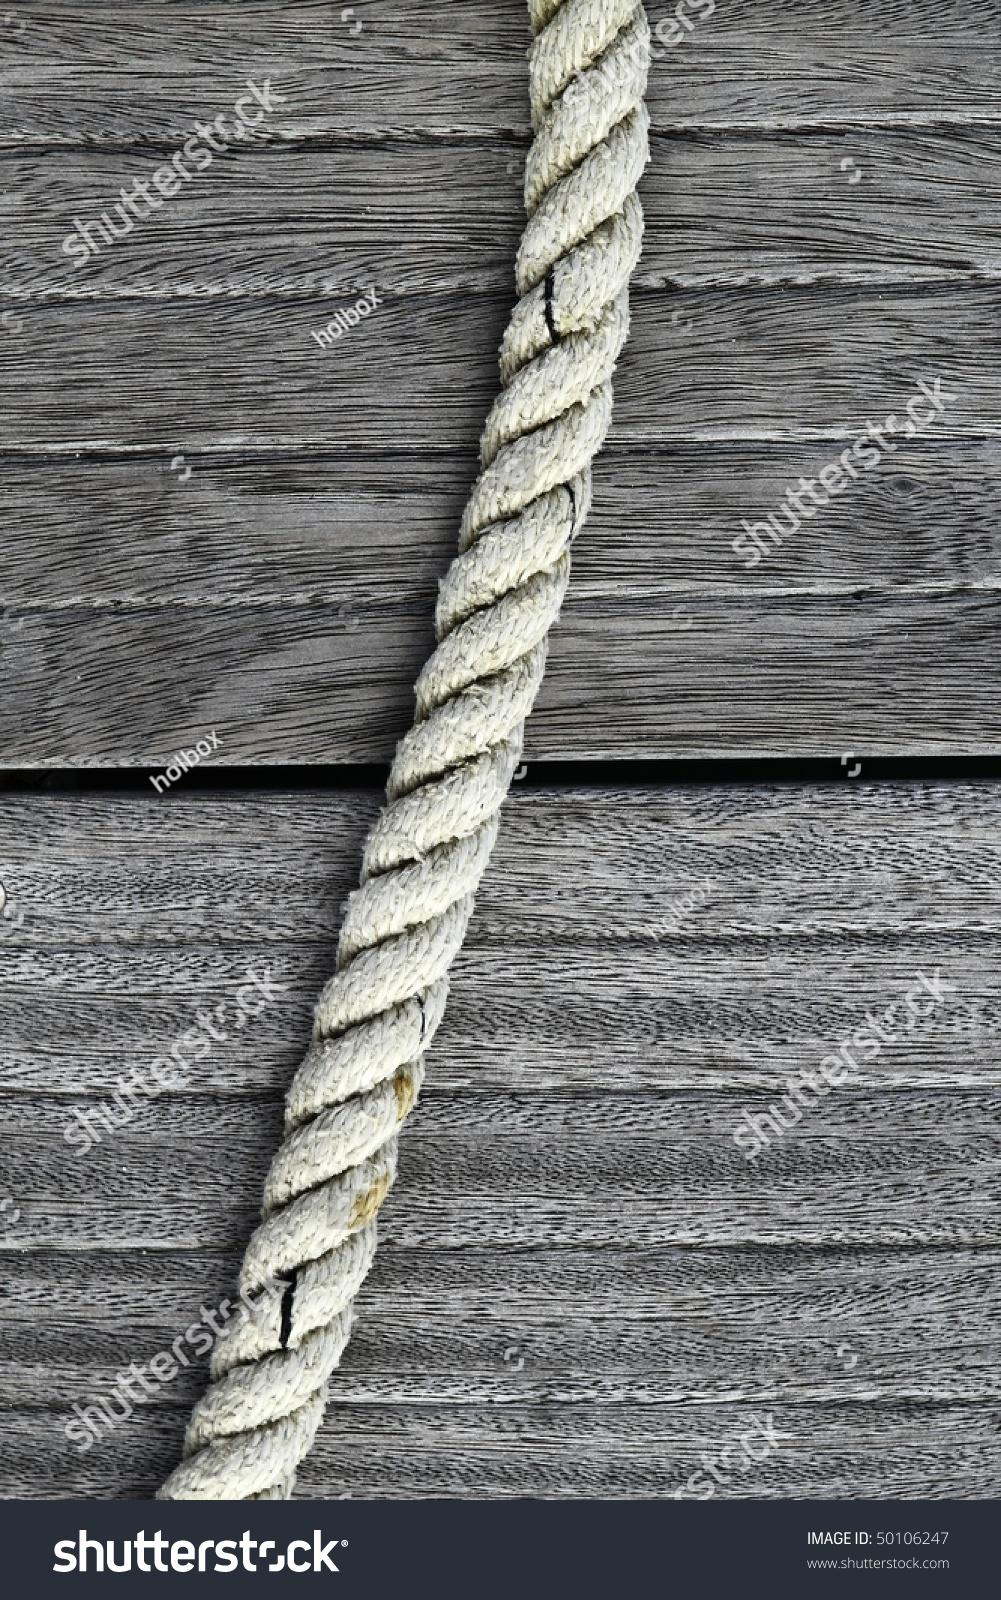 Teak Wood Stocks ~ Marine rope gray aged teak wood stock photo